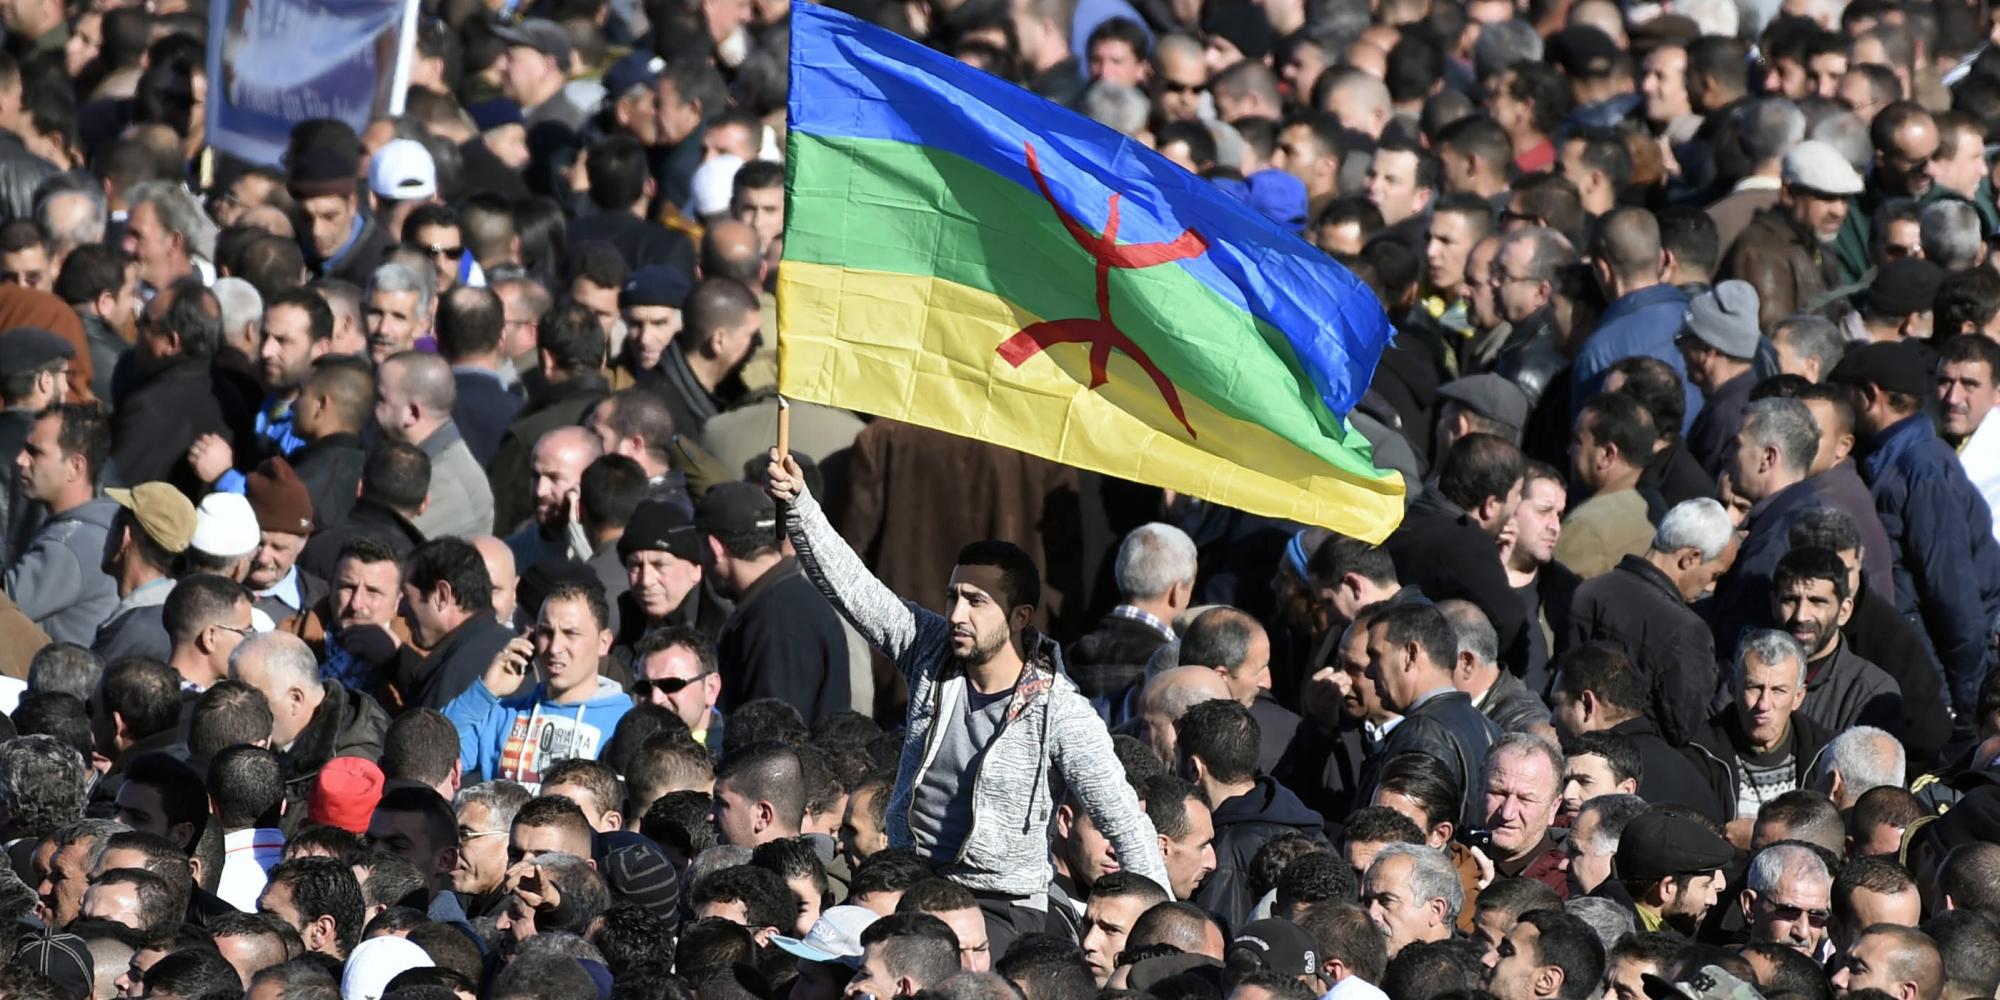 الجزائر تُقرُّ رأس السنة الأمازيغية عطلة وطنية.. مزايدة سياسية أم استجابة لمطالب الأمازيغ؟